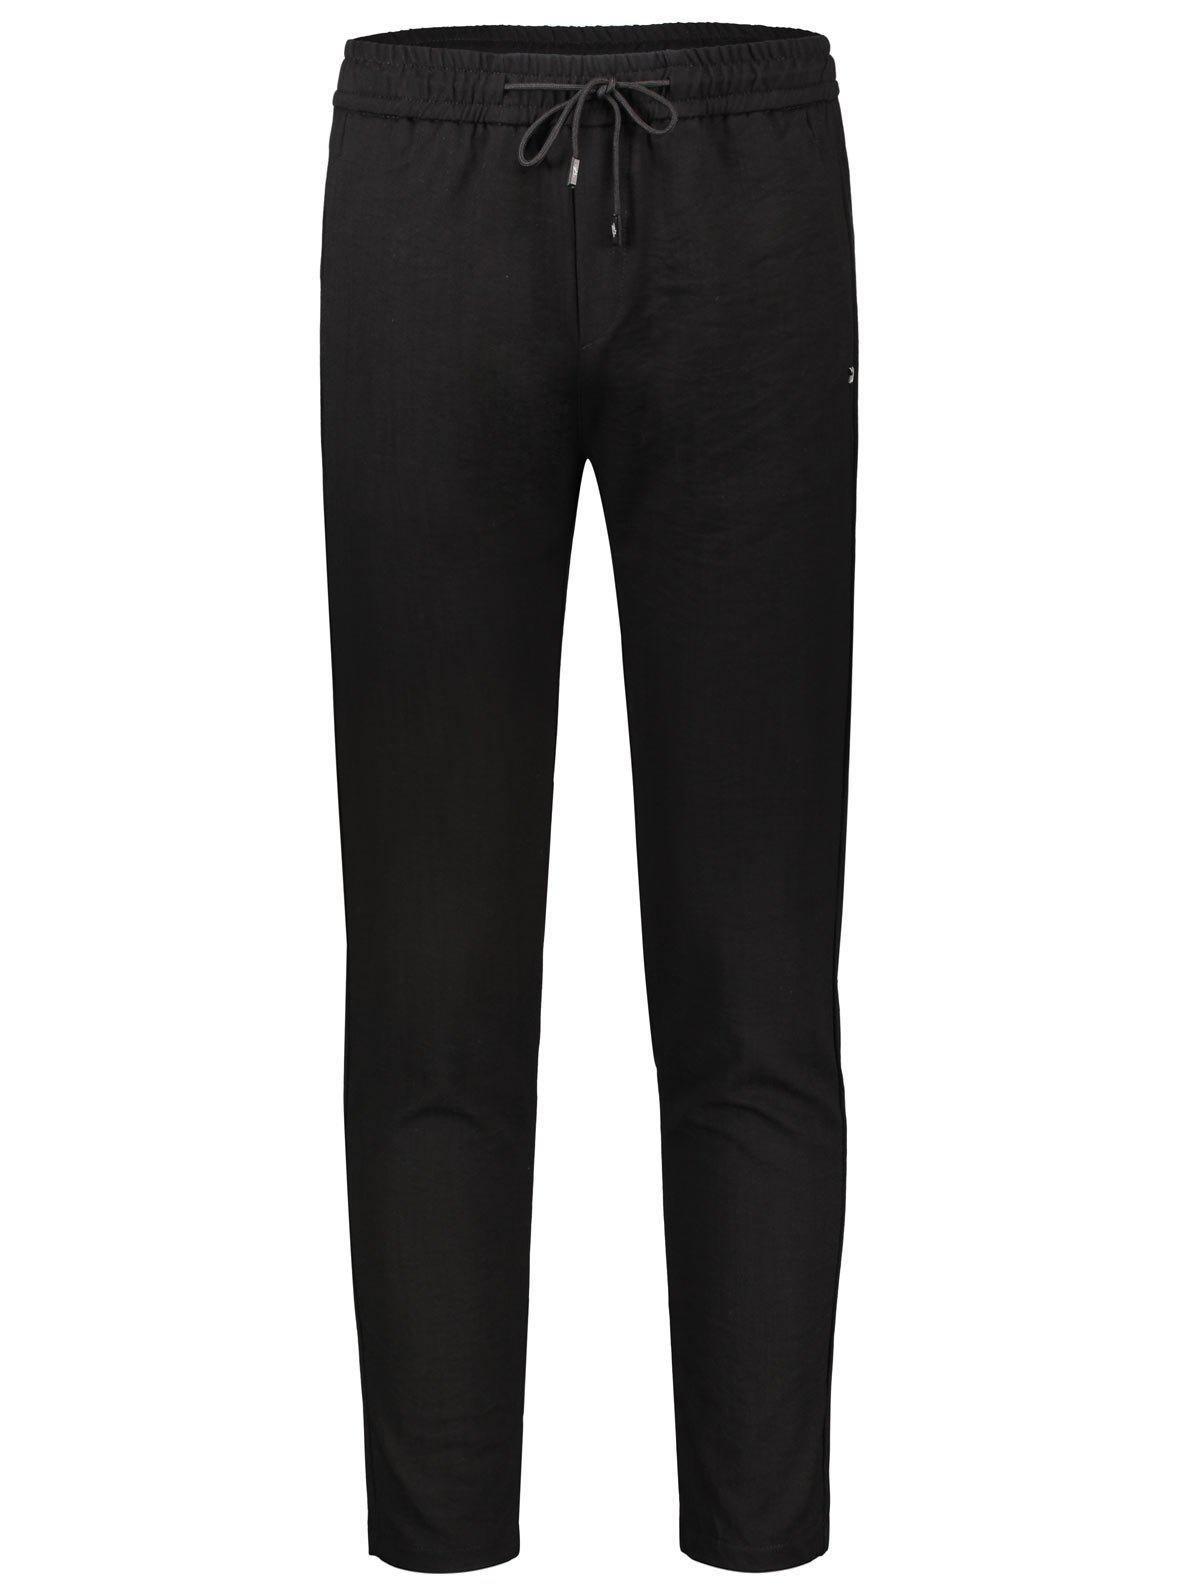 Pantalons droits à cordon